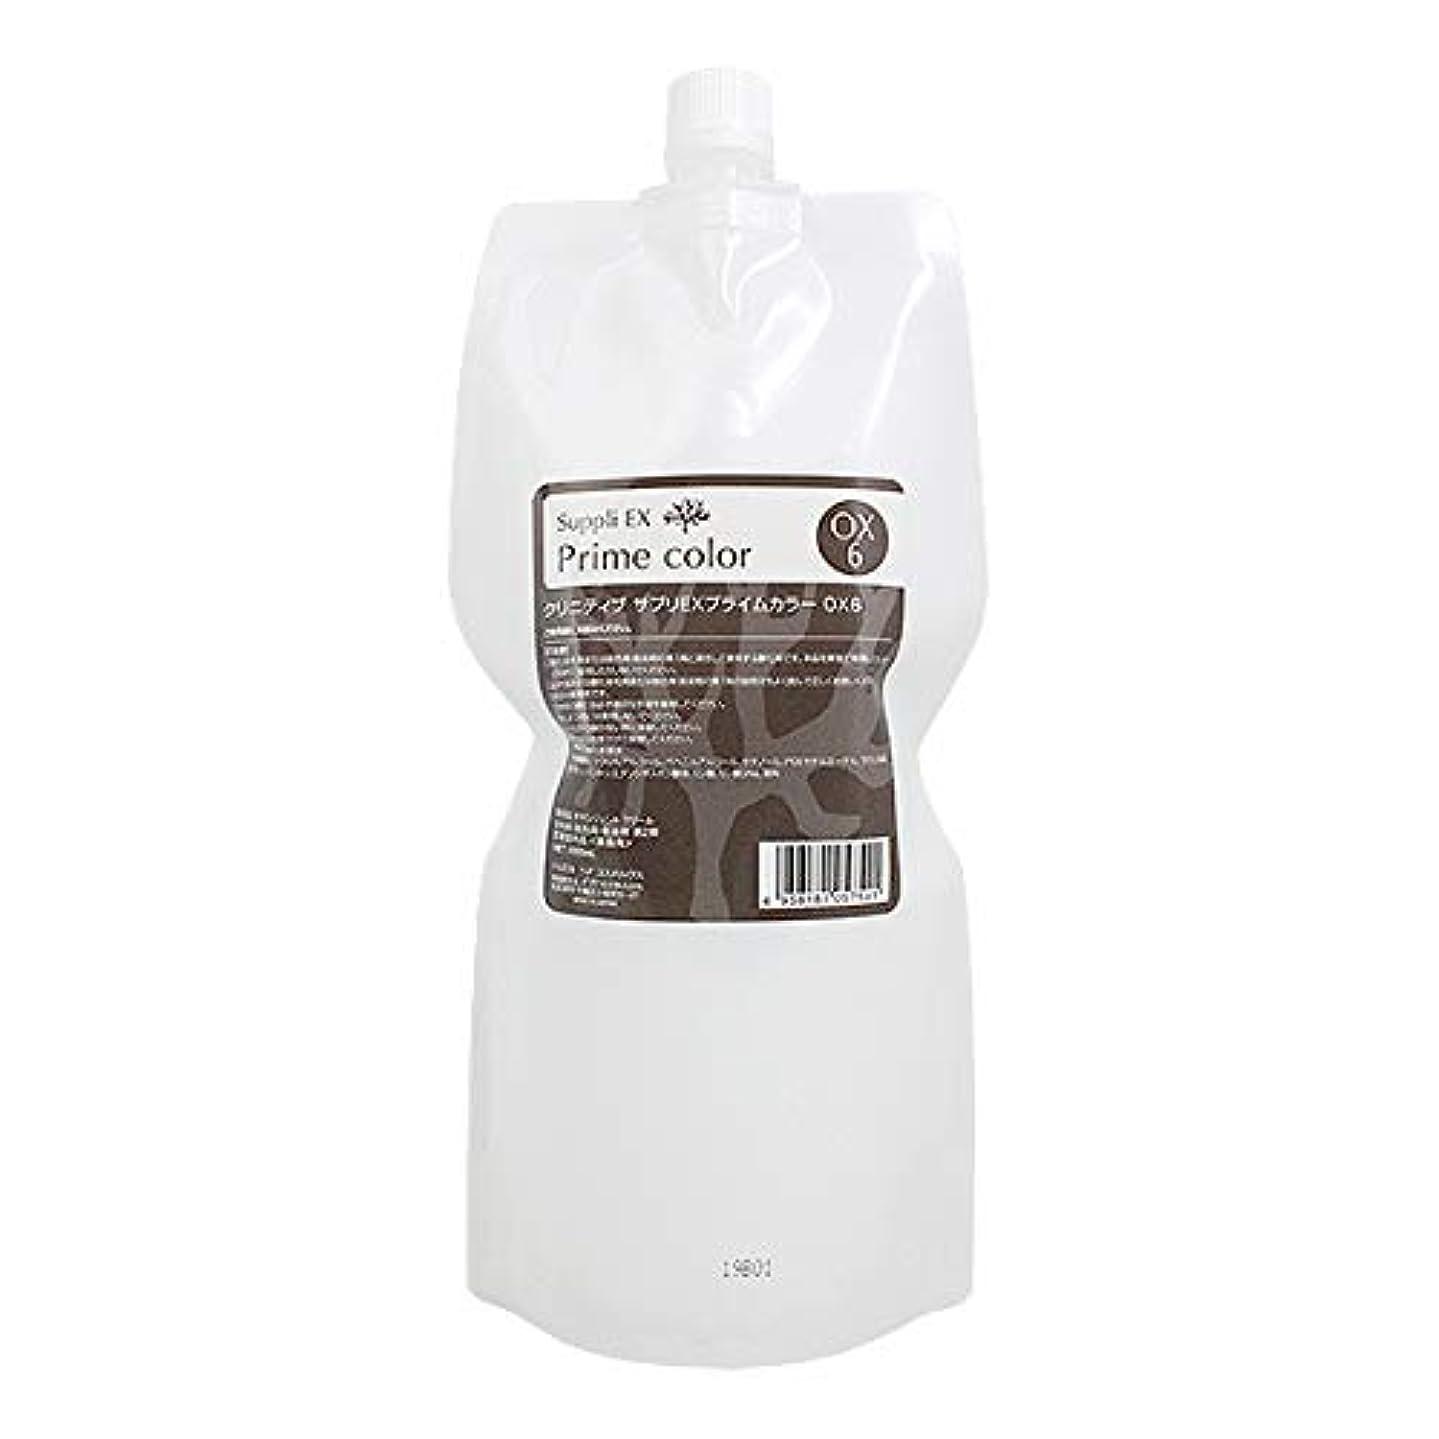 うれしい十二疲れたイリヤ化学 クリニティブ サプリEXプライムカラー アテンド(染毛補助クリーム) 300g